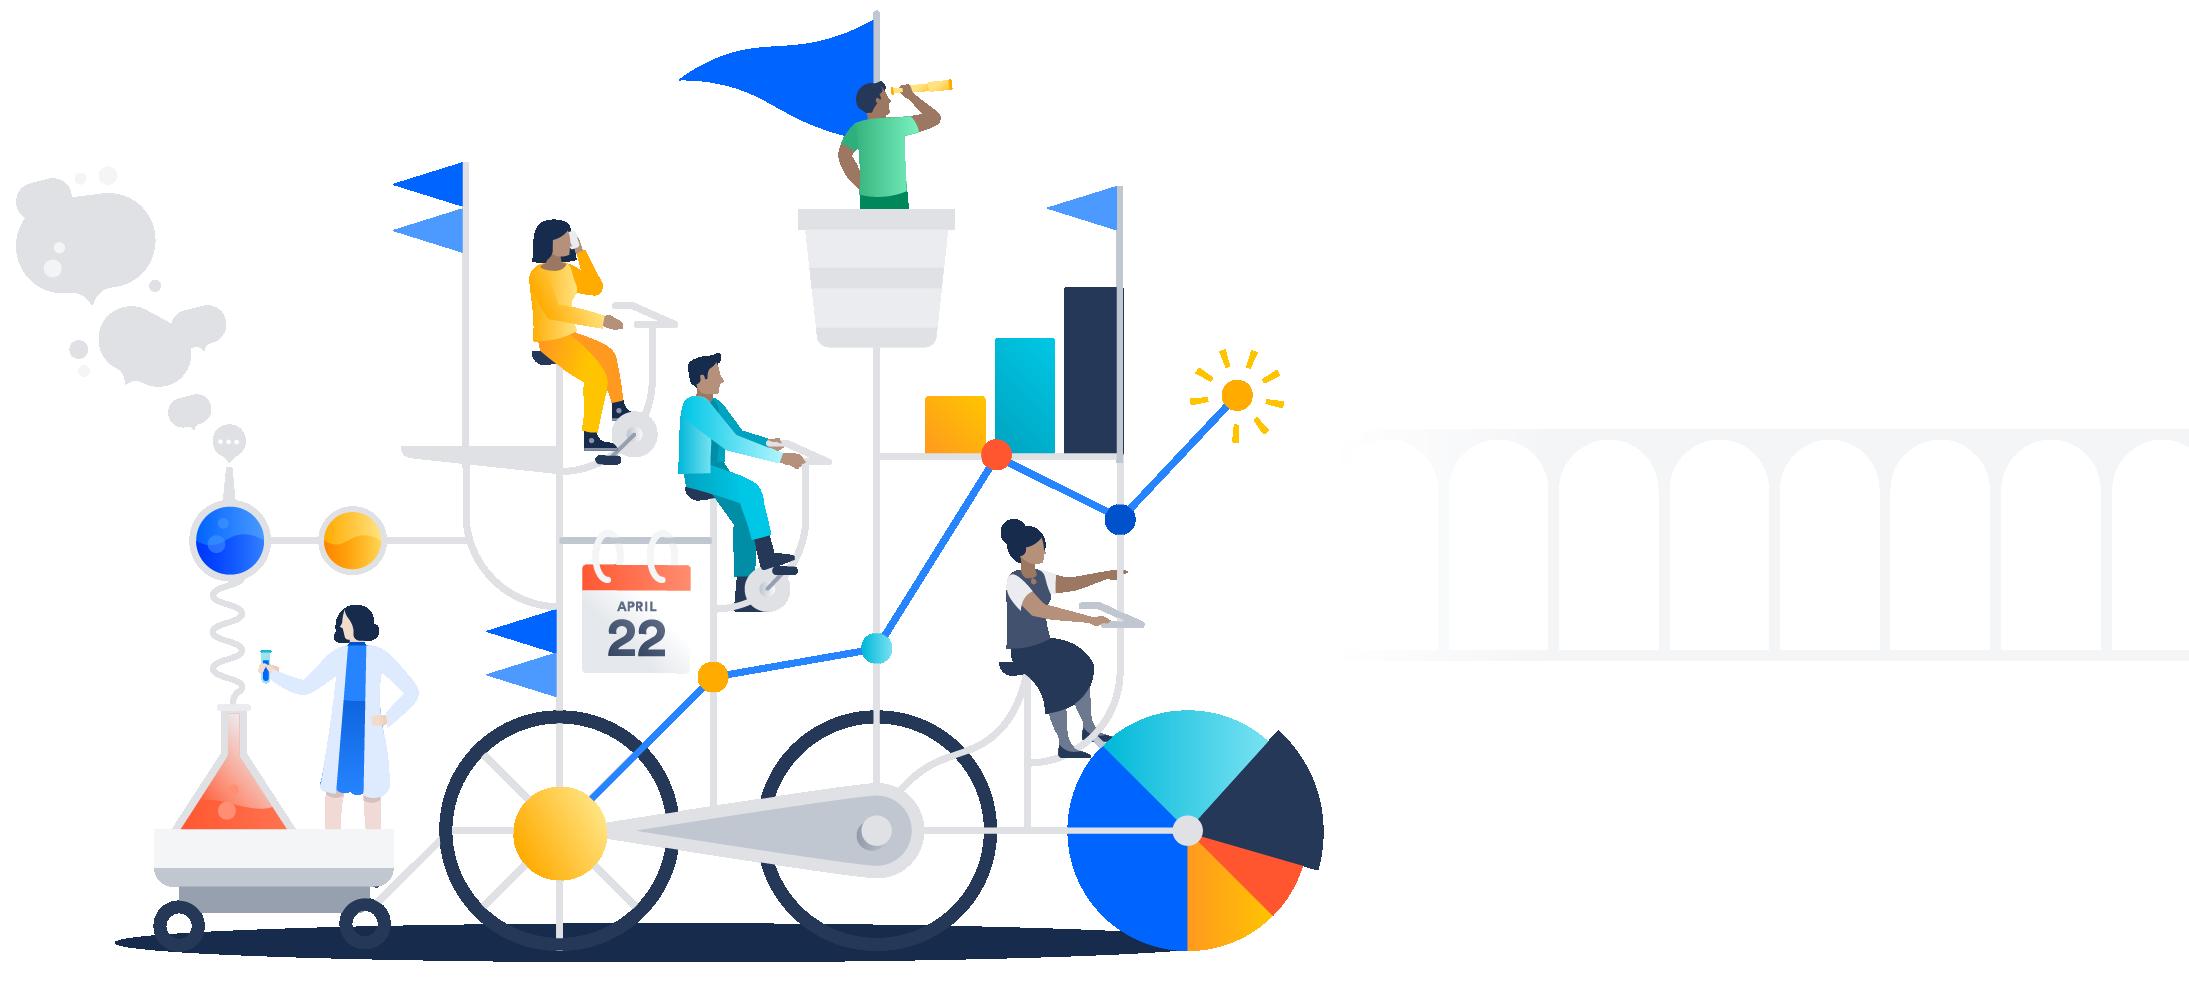 Illustration de plusieurs personnes sur un vélo complexe